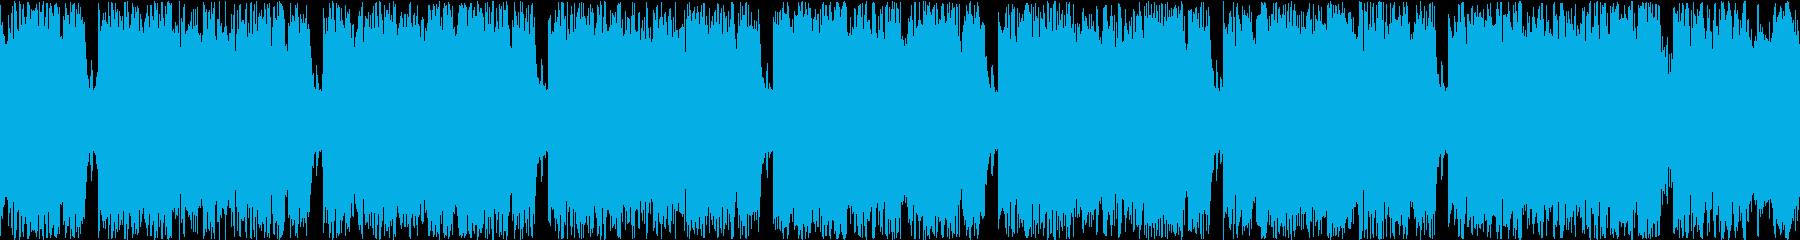 ドロップ(サビ)のみのループバージョンの再生済みの波形